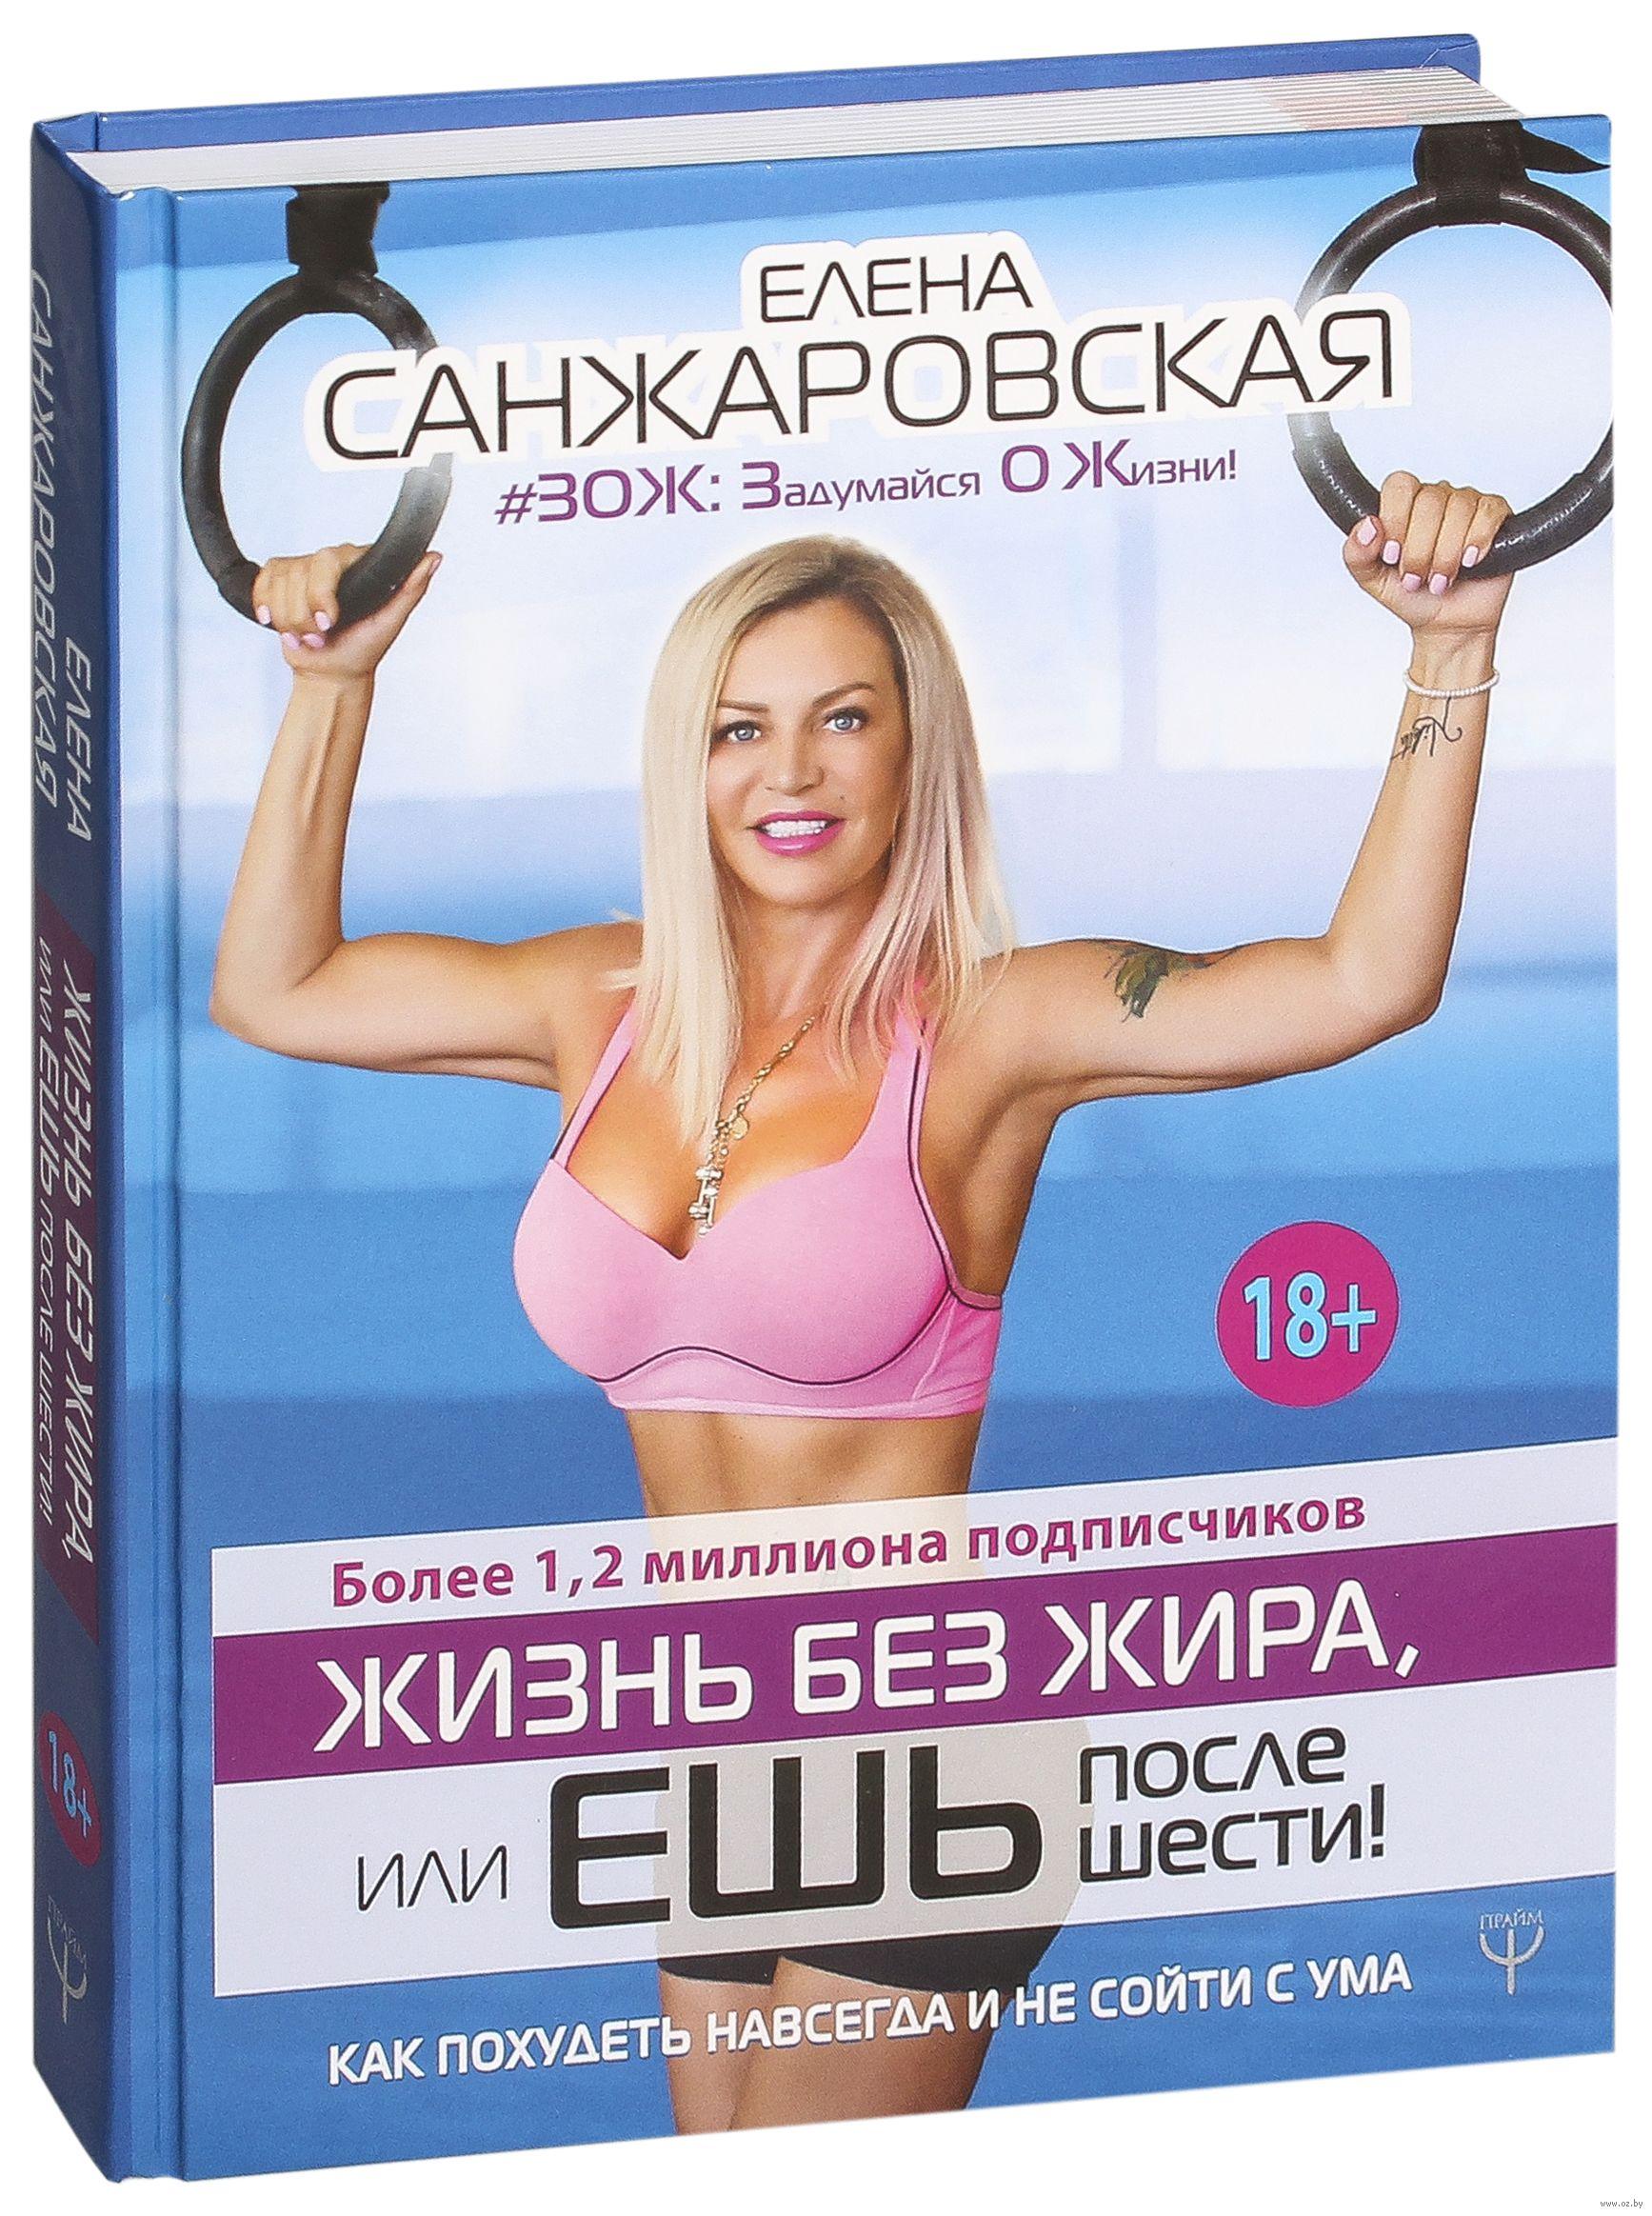 9a68e8da2b3c Жизнь без жира, или ешь после шести! Как похудеть навсегда и не сойти с